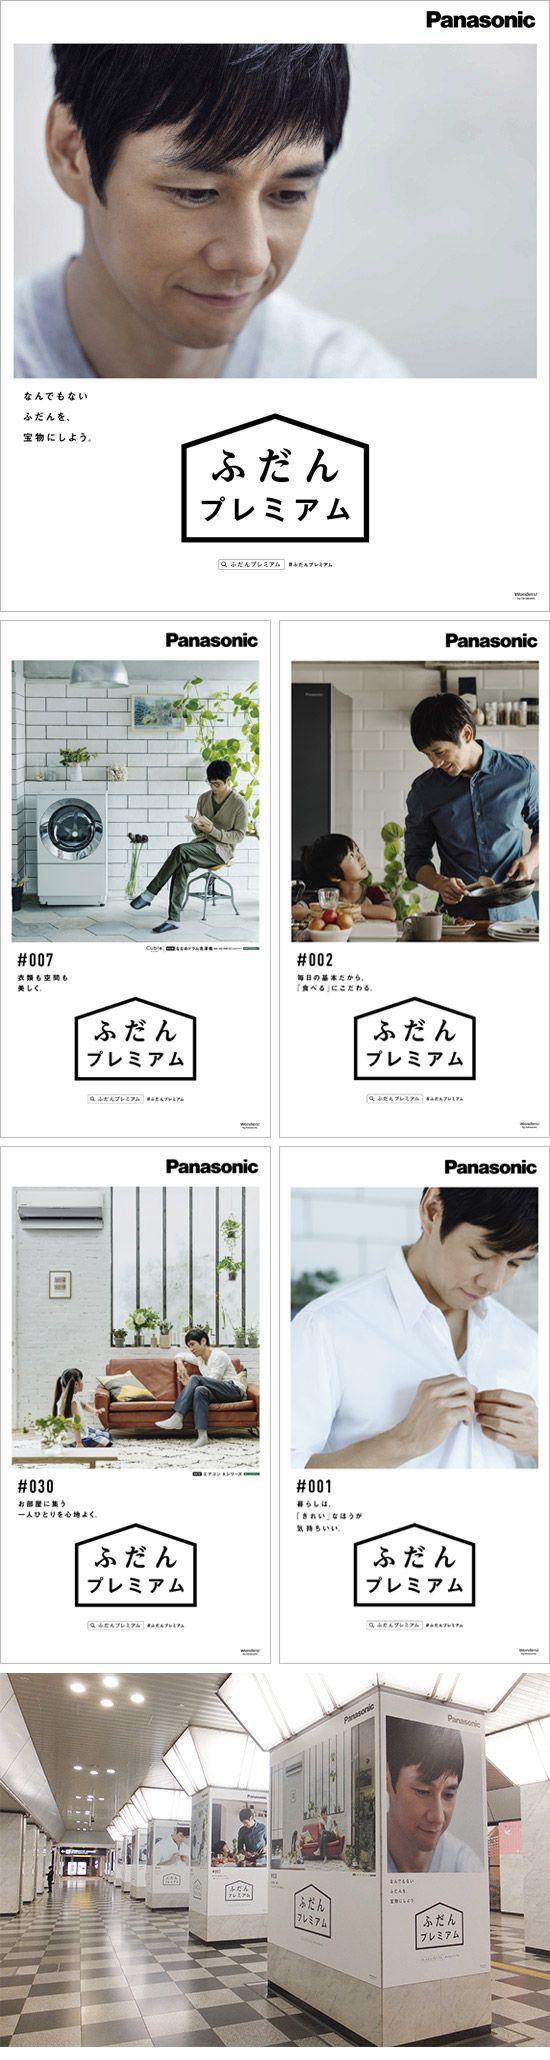 Panasonic ふだんプレミアム